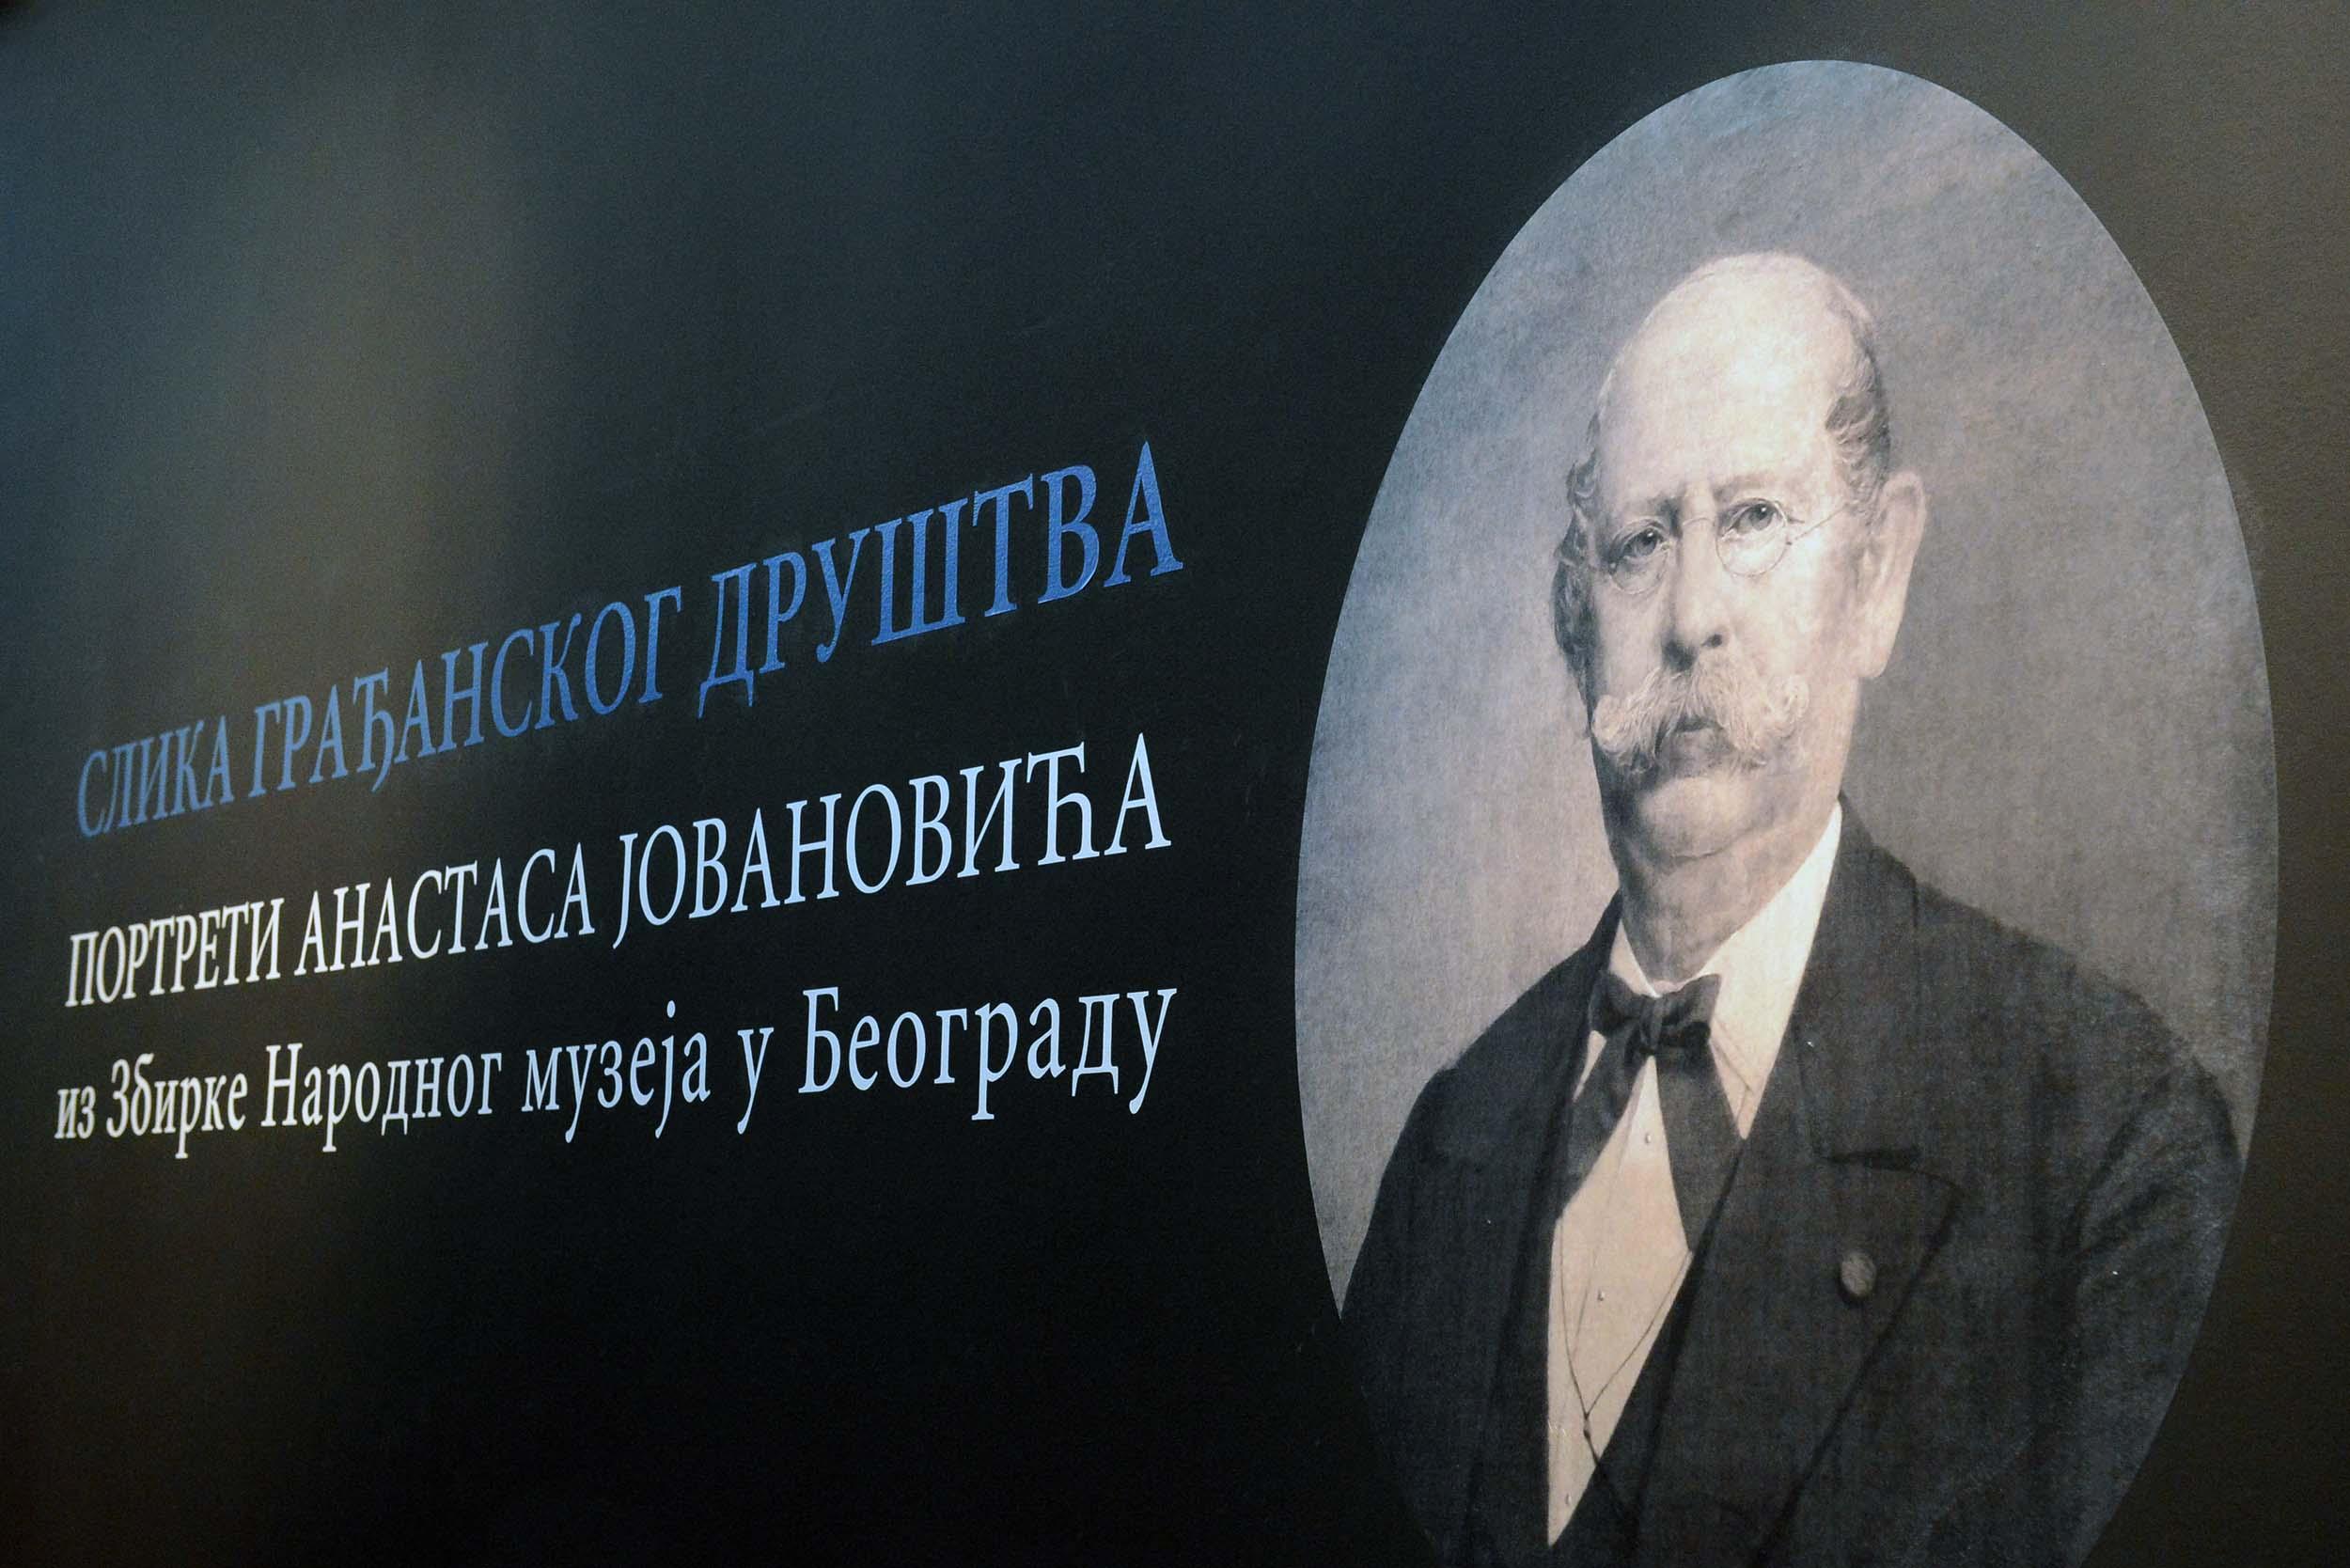 ИНФОРМЕР,Портрети српског друштва